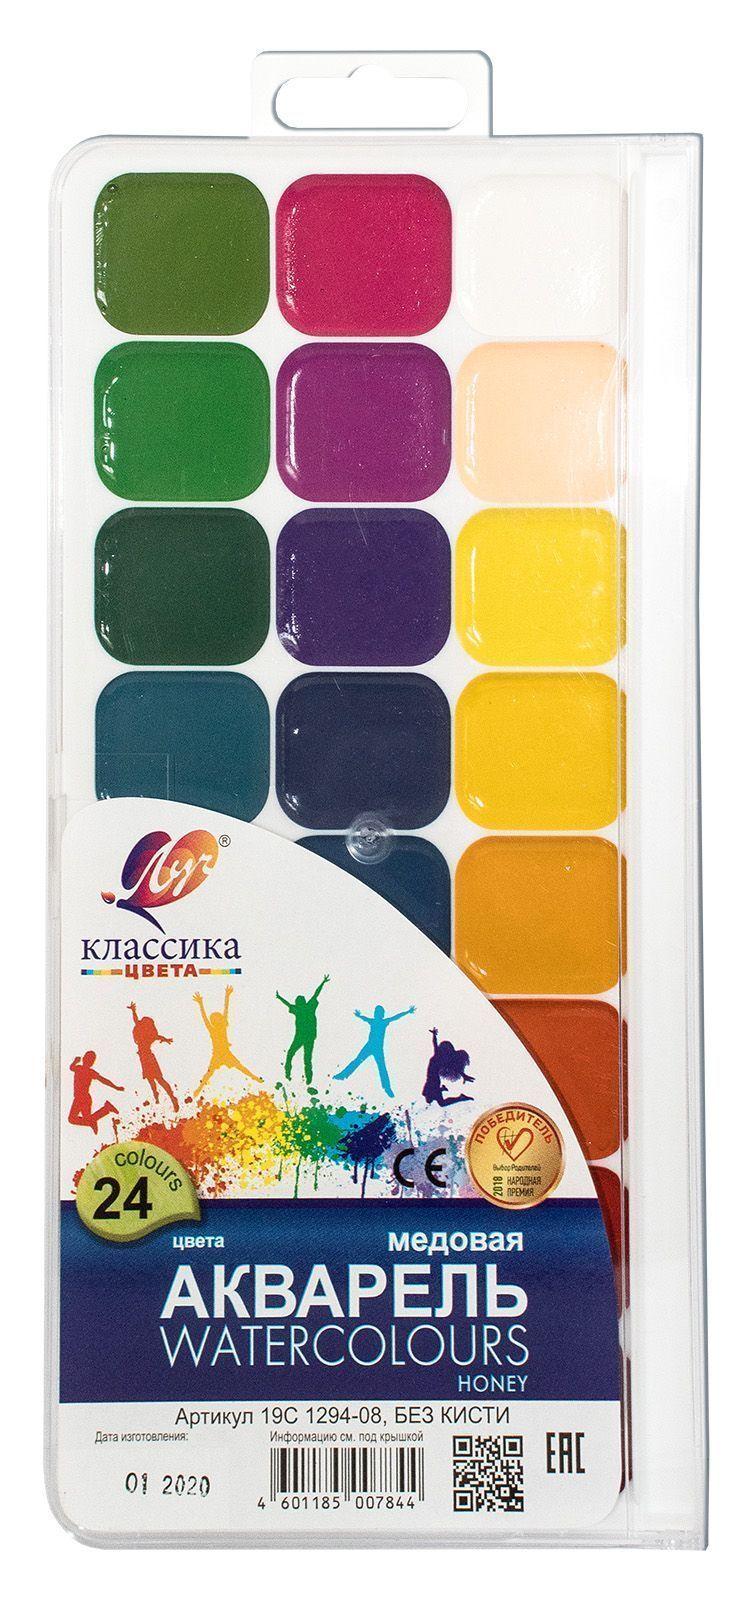 Акварель ЛУЧ КЛАССИКА 24 цвета, пластиковая упаковка, без кисти, европодвес